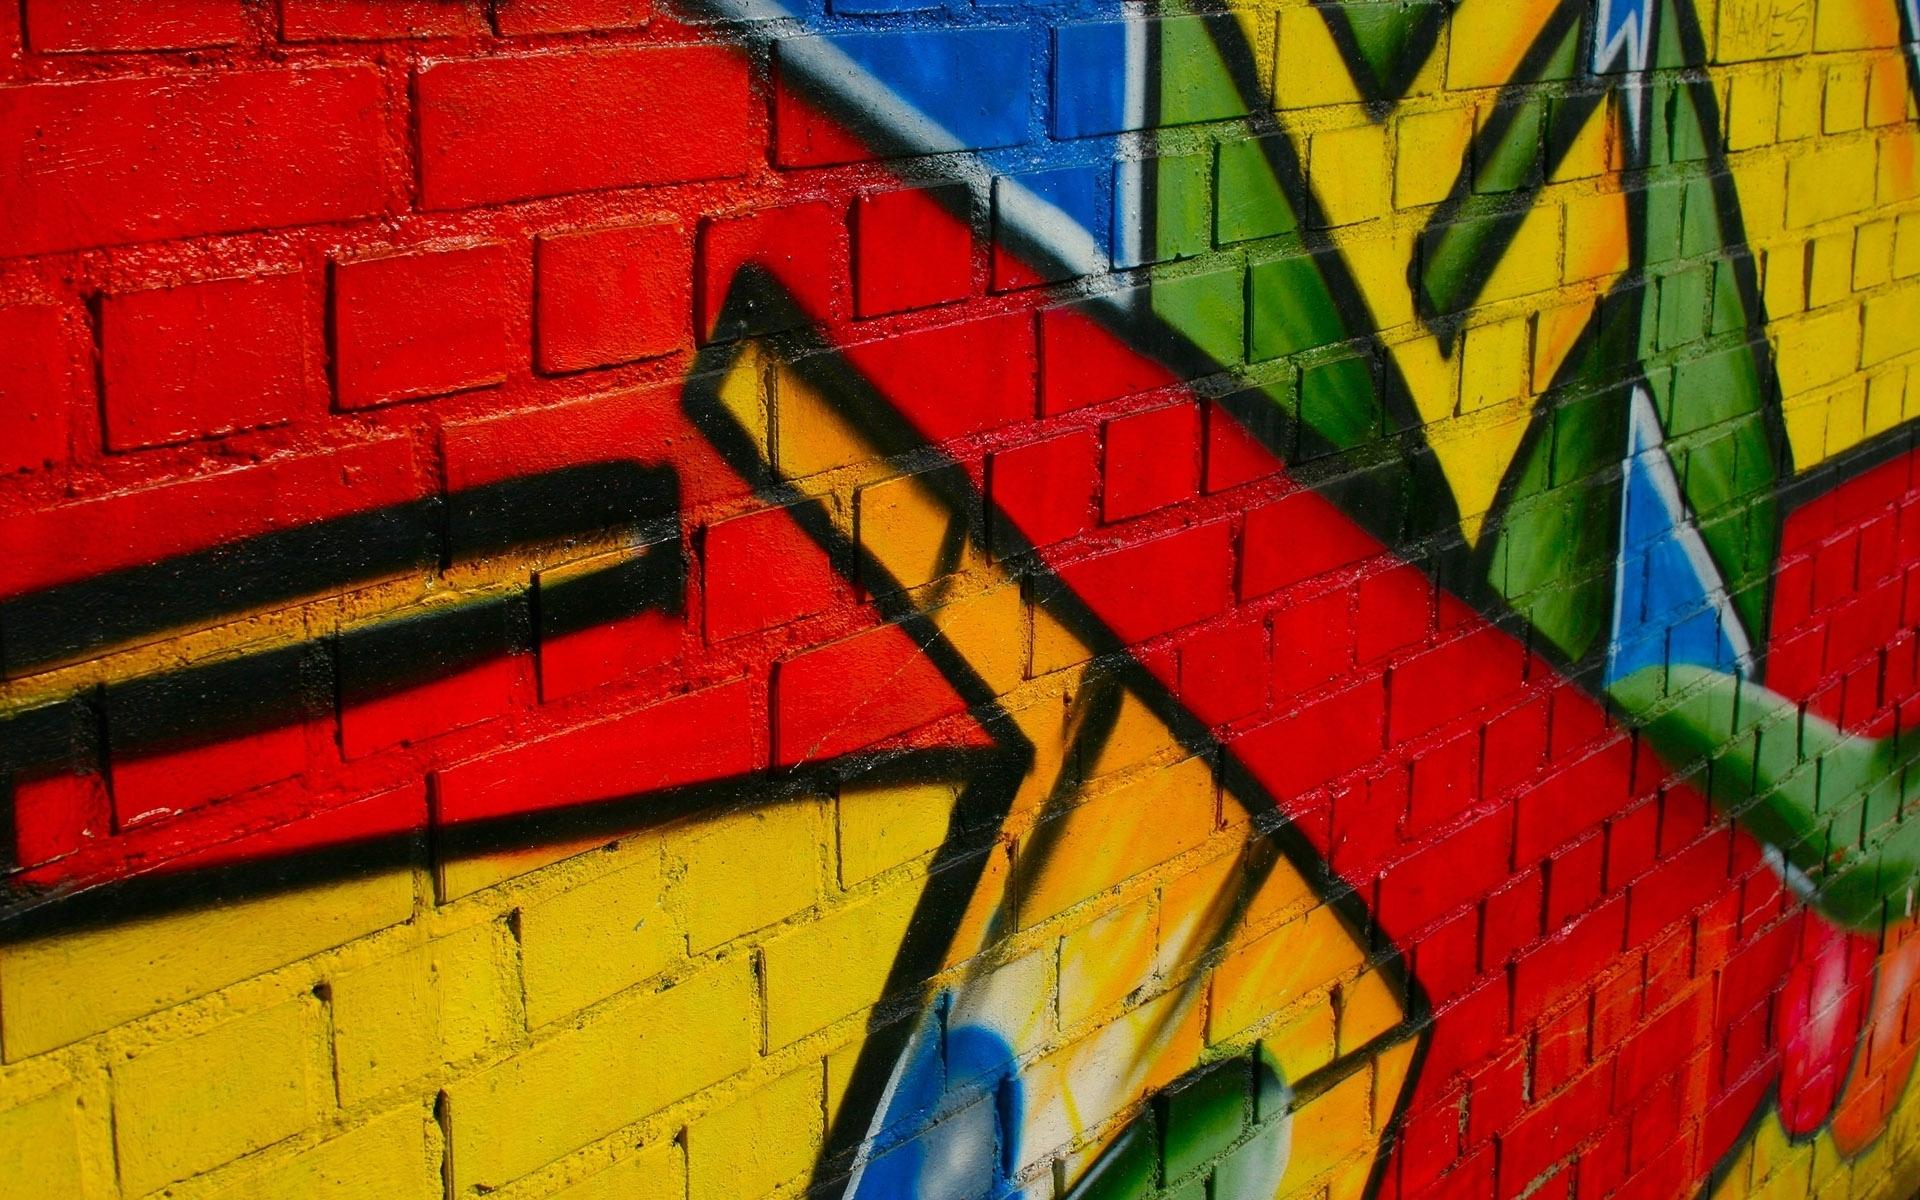 Abstract Wall Painting Hd Wallpaper